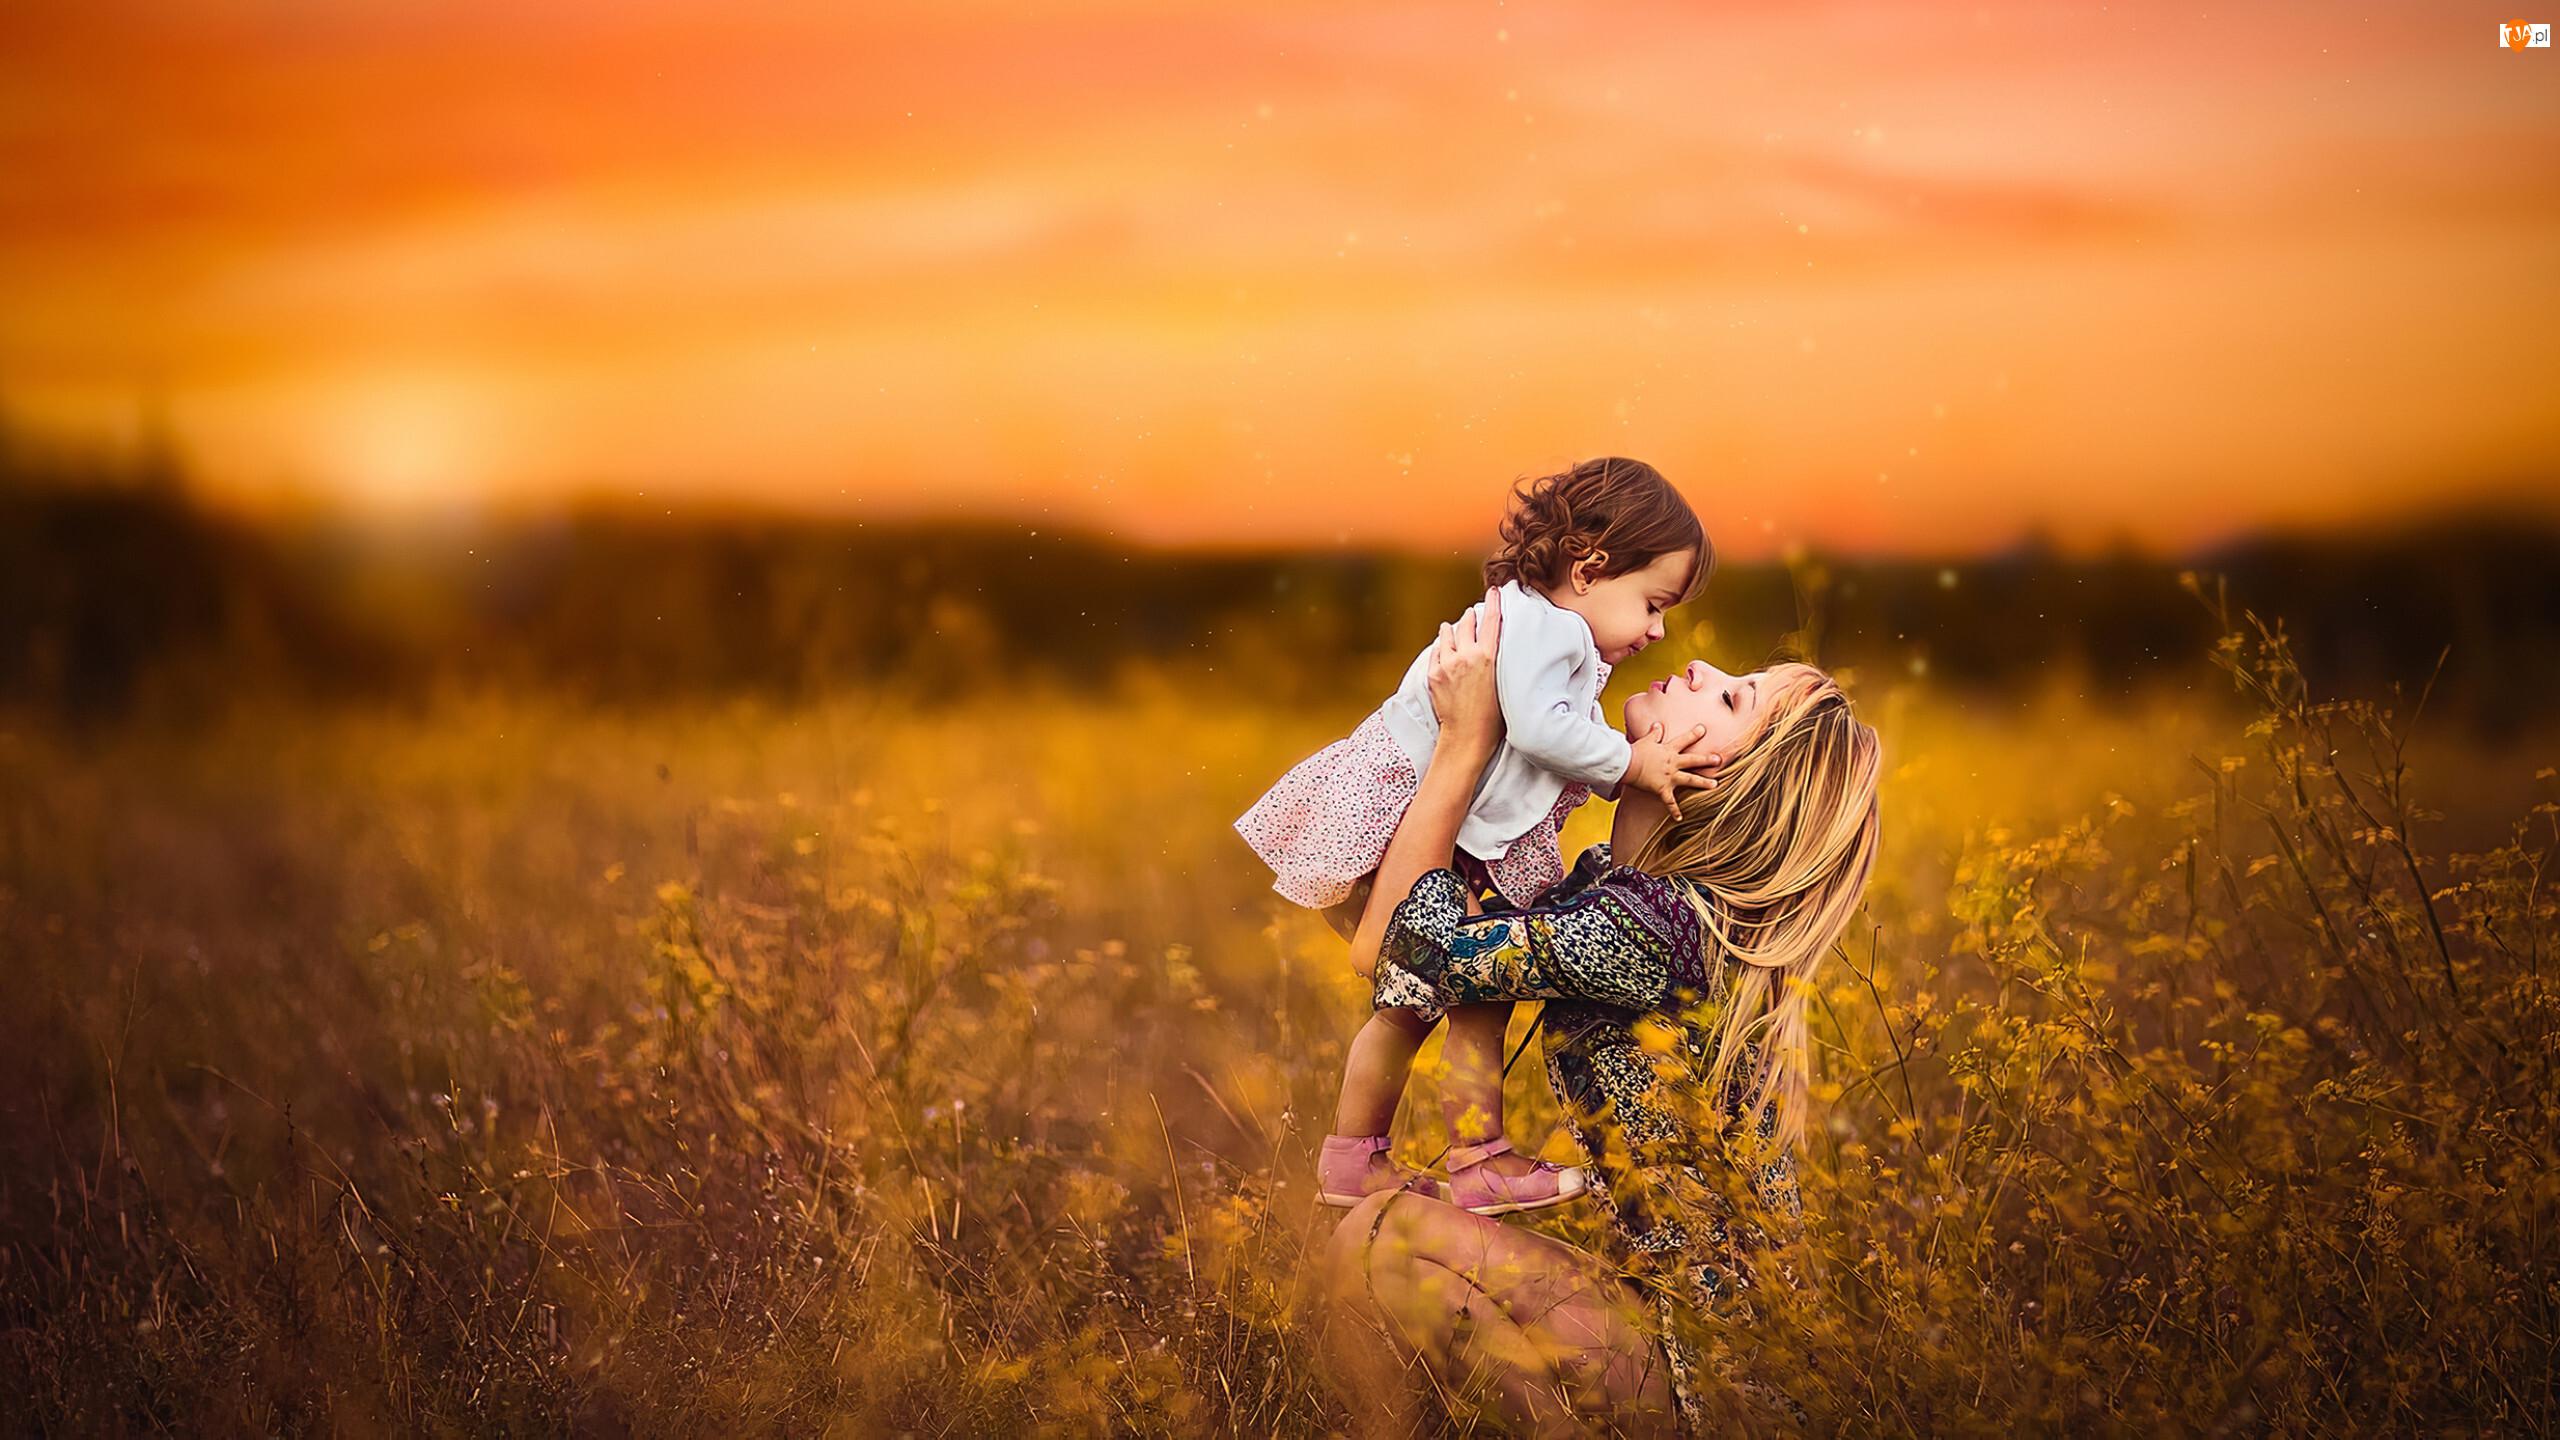 Kwiaty, Kobieta, Zachód słońca, Łąka, Córka, Dziecko, Matka